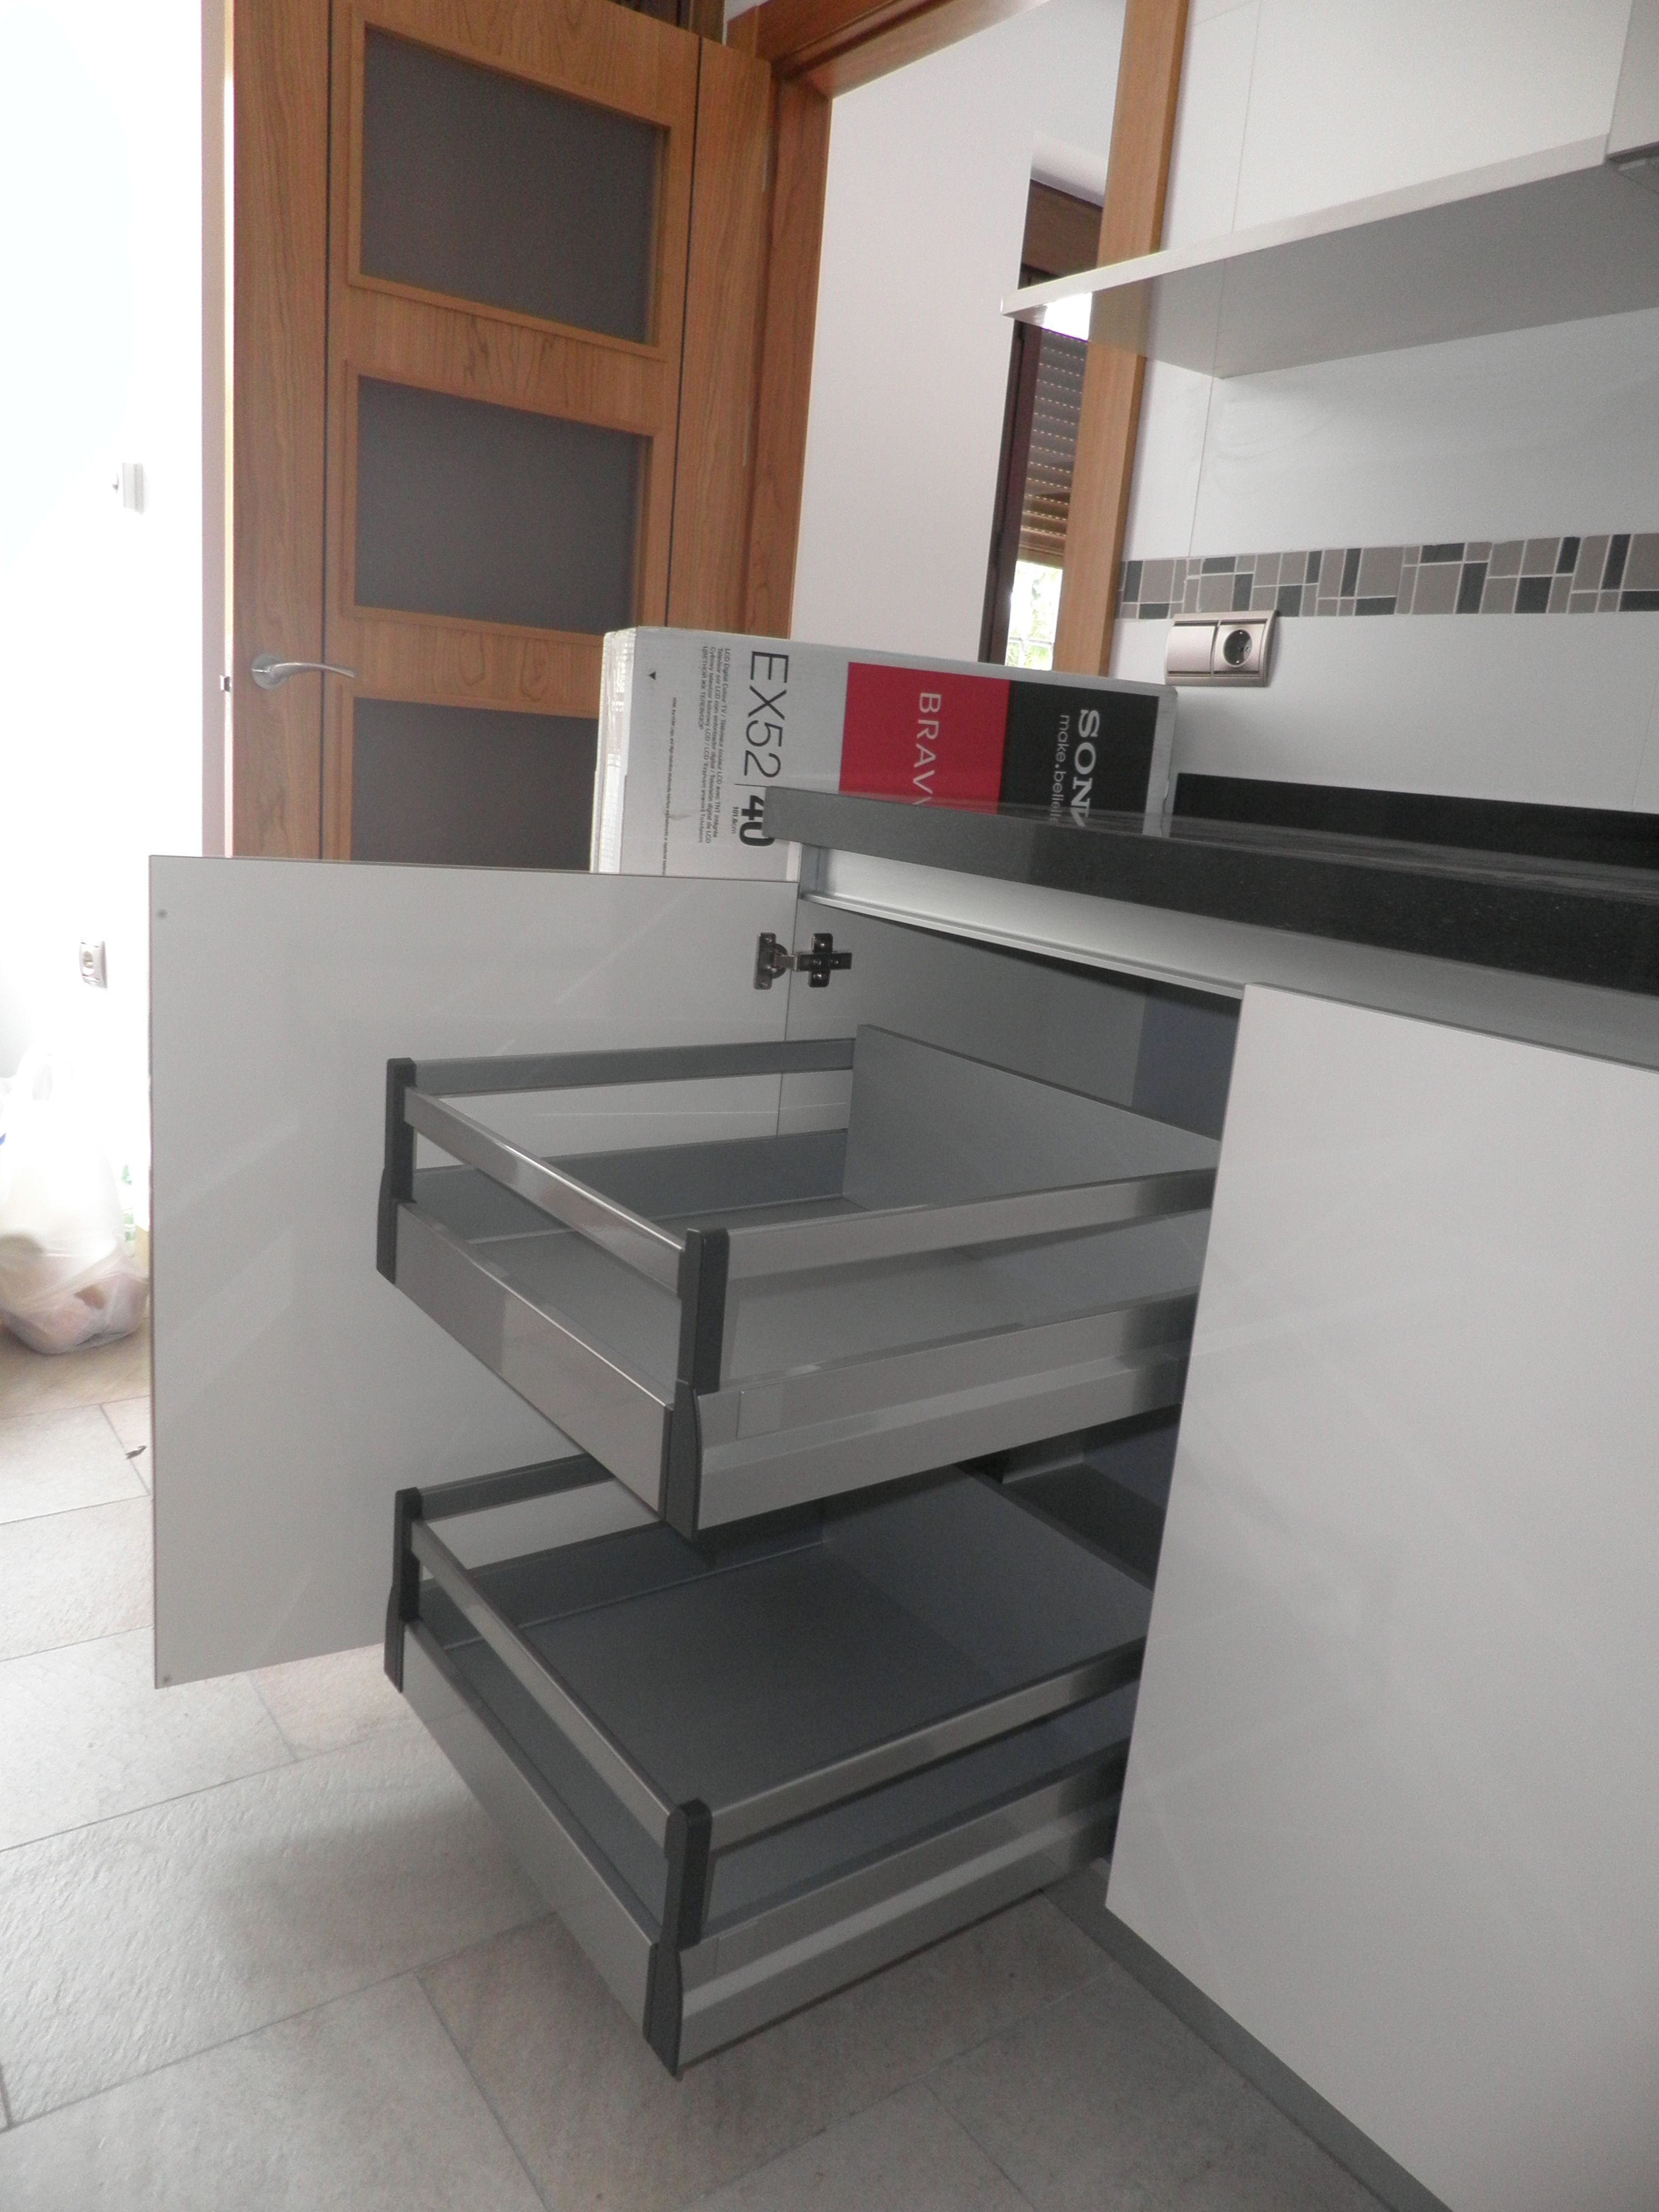 Dise O De Cocina Con Muebles Sin Tirador Encimera Silestone Negro  # Muebles Directo Cee